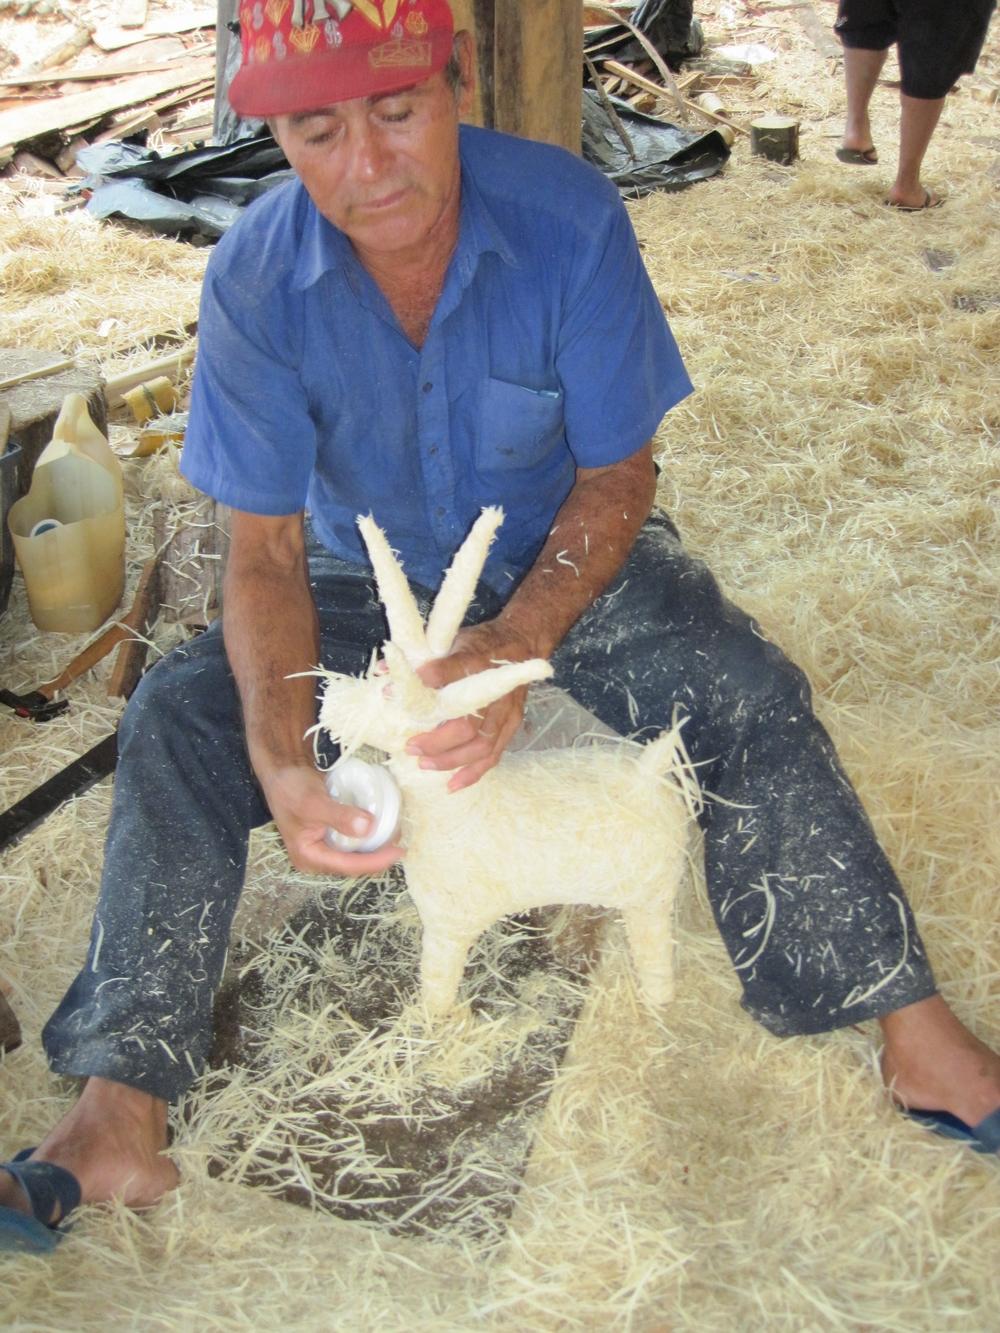 Wood Plywood Reindeer Plans Free Pdf Plans